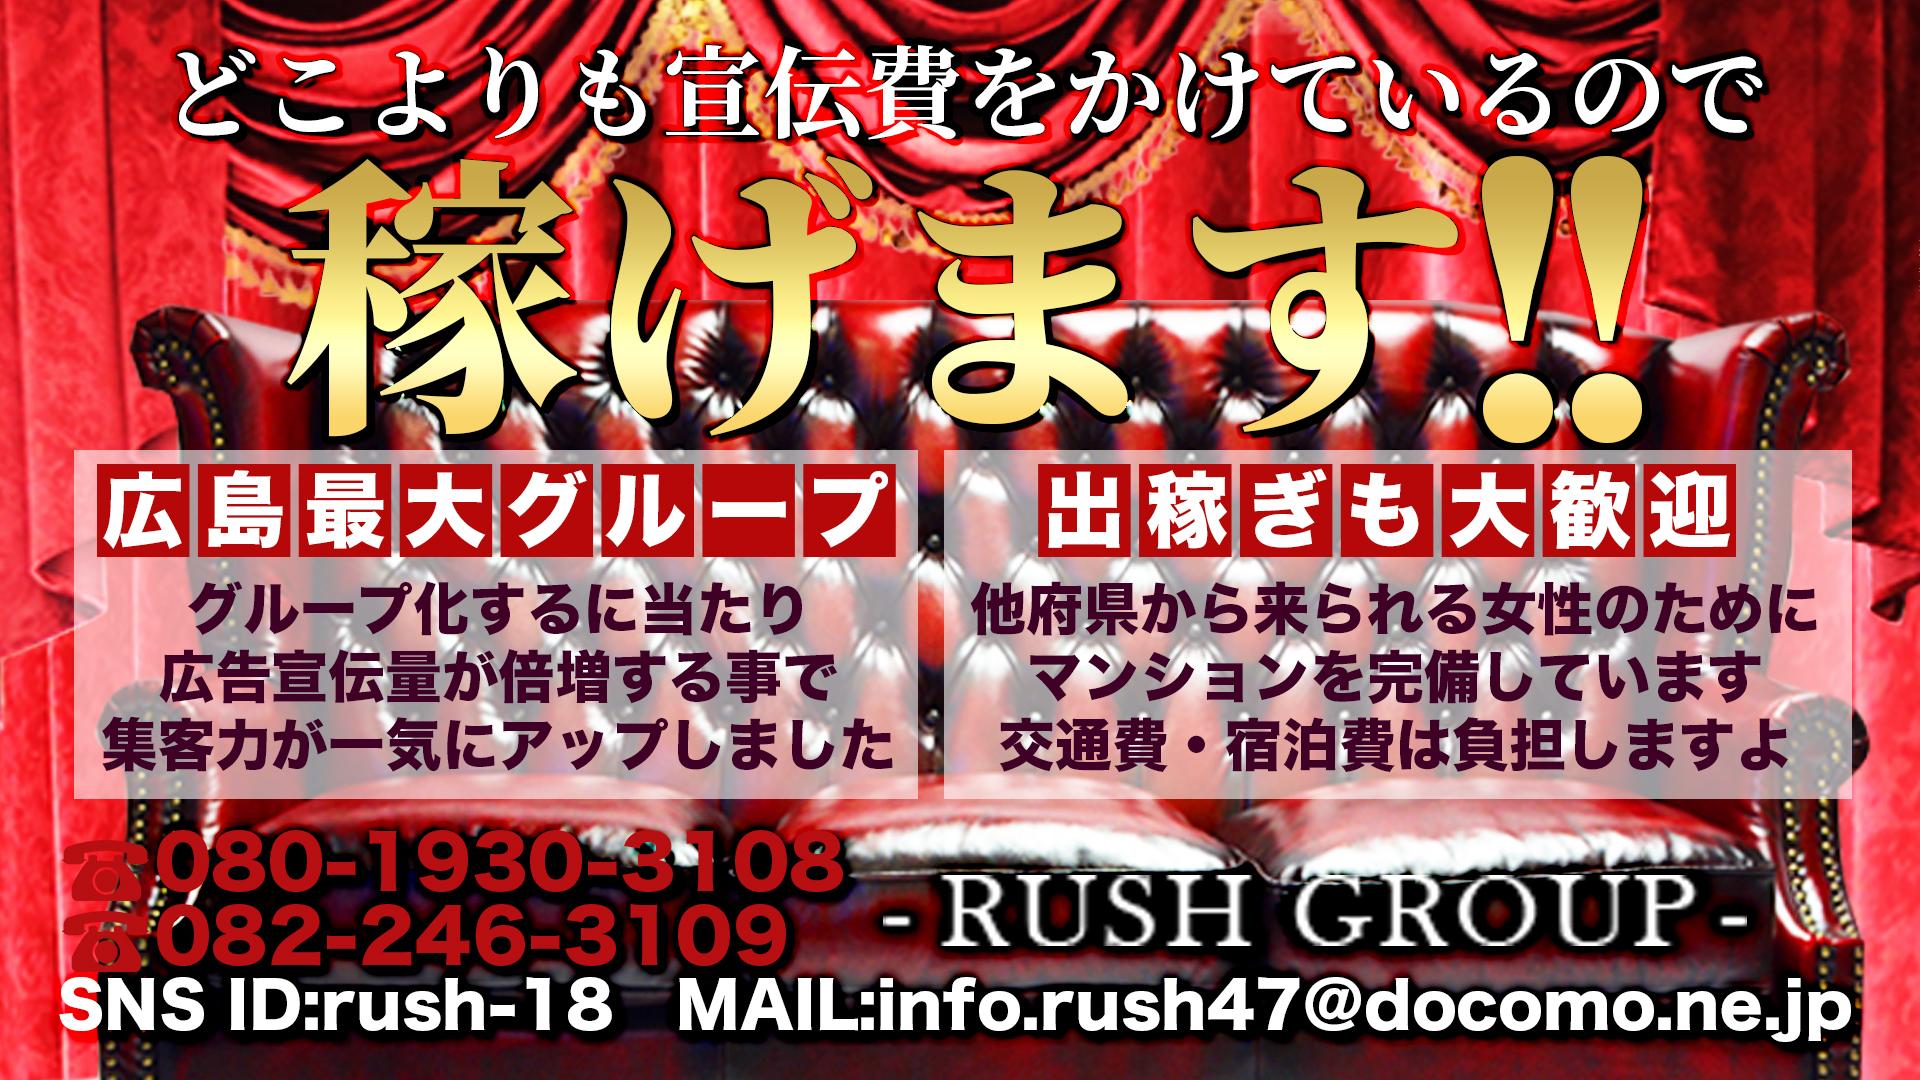 RUSH(RUSH ラッシュ グループ)の求人画像